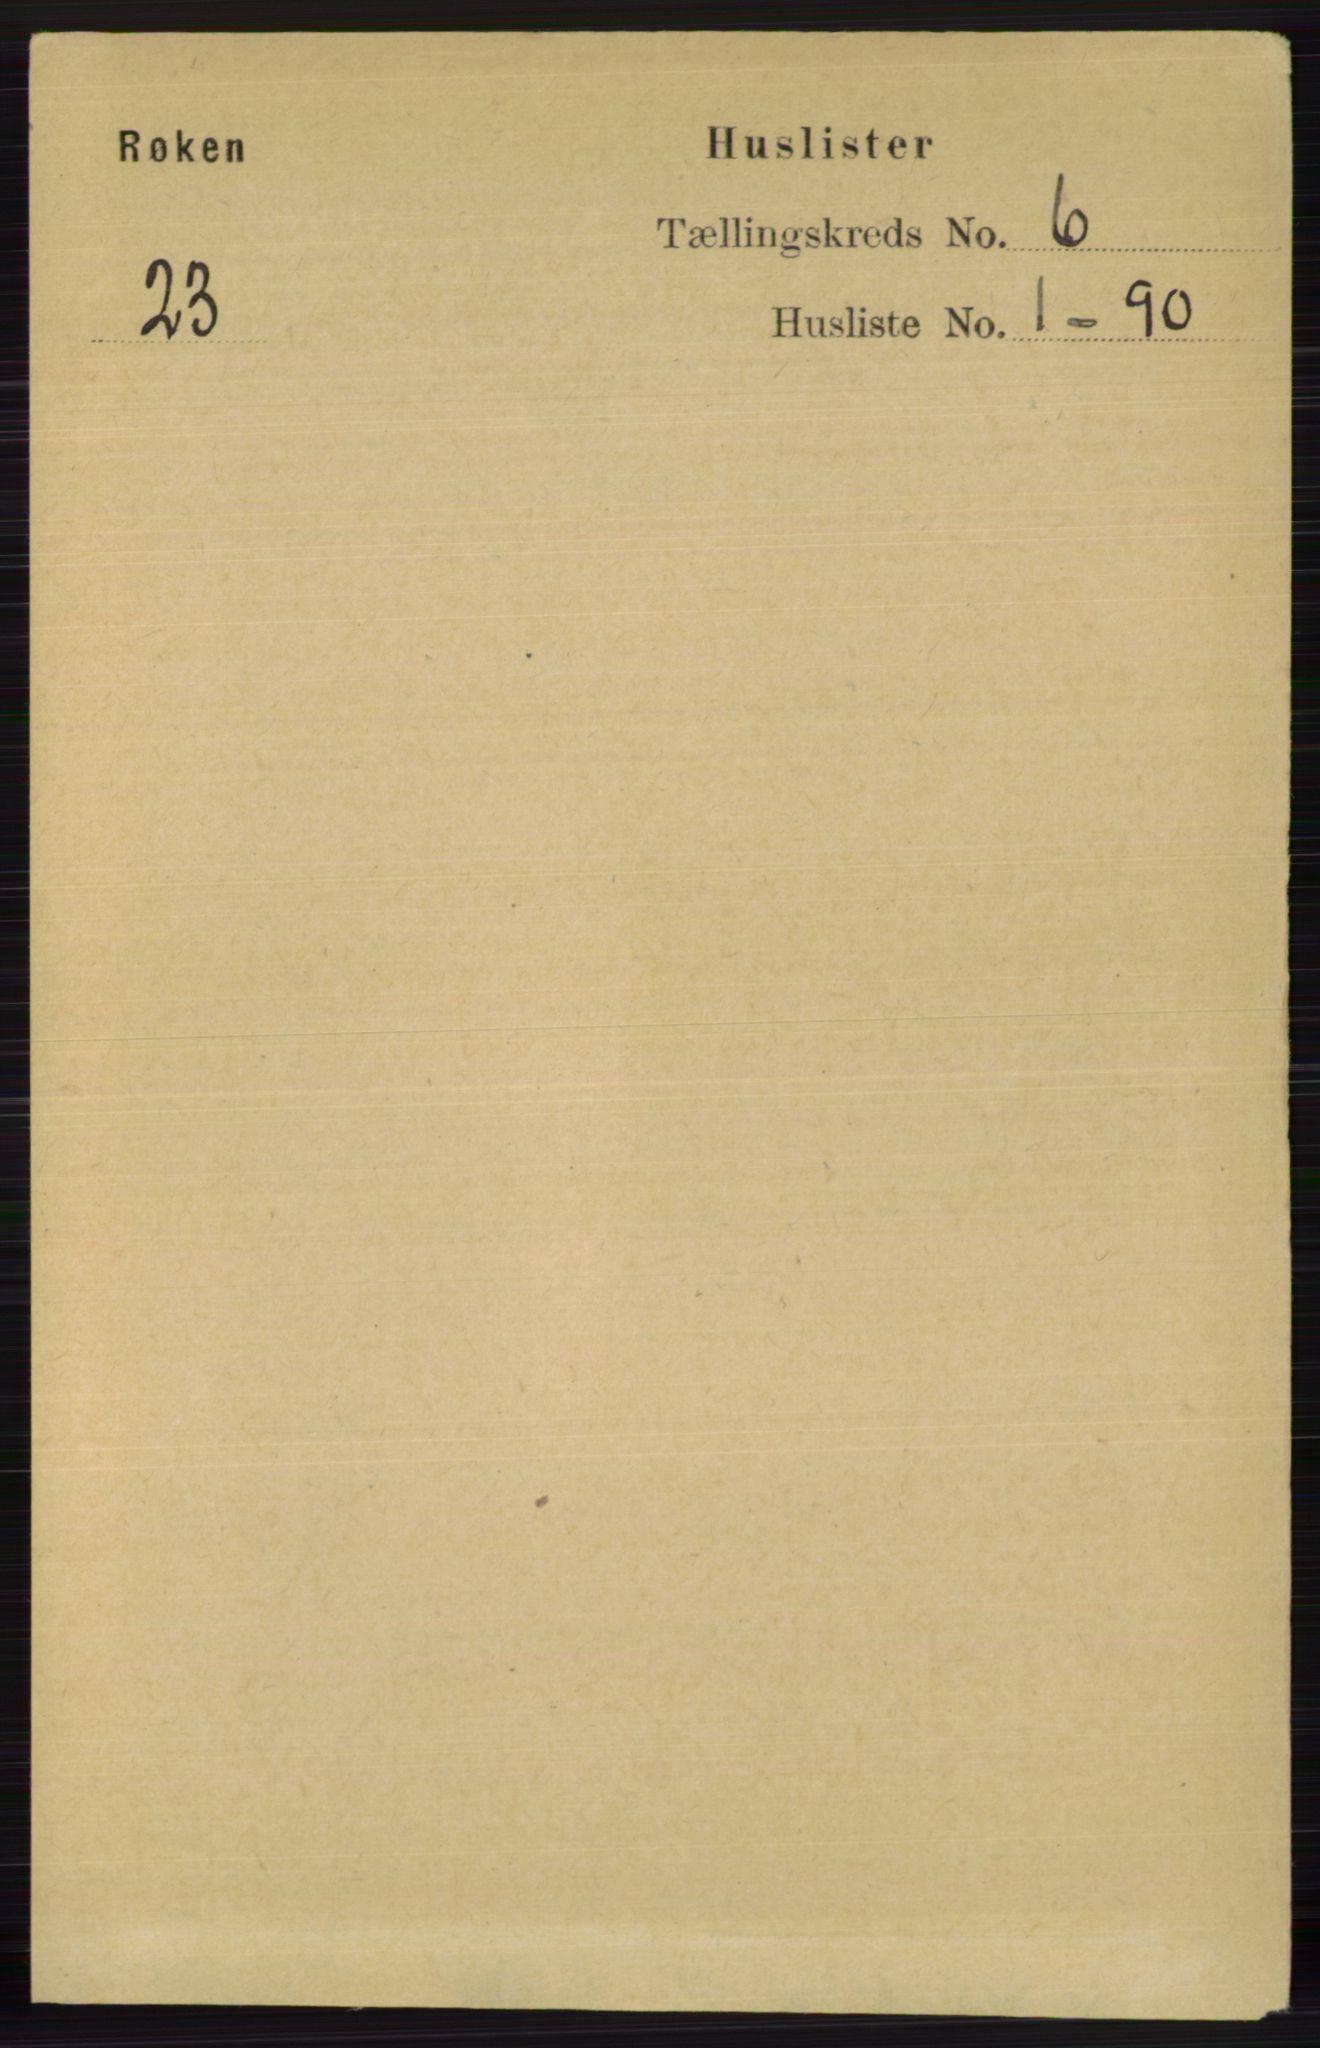 RA, Folketelling 1891 for 0627 Røyken herred, 1891, s. 3540